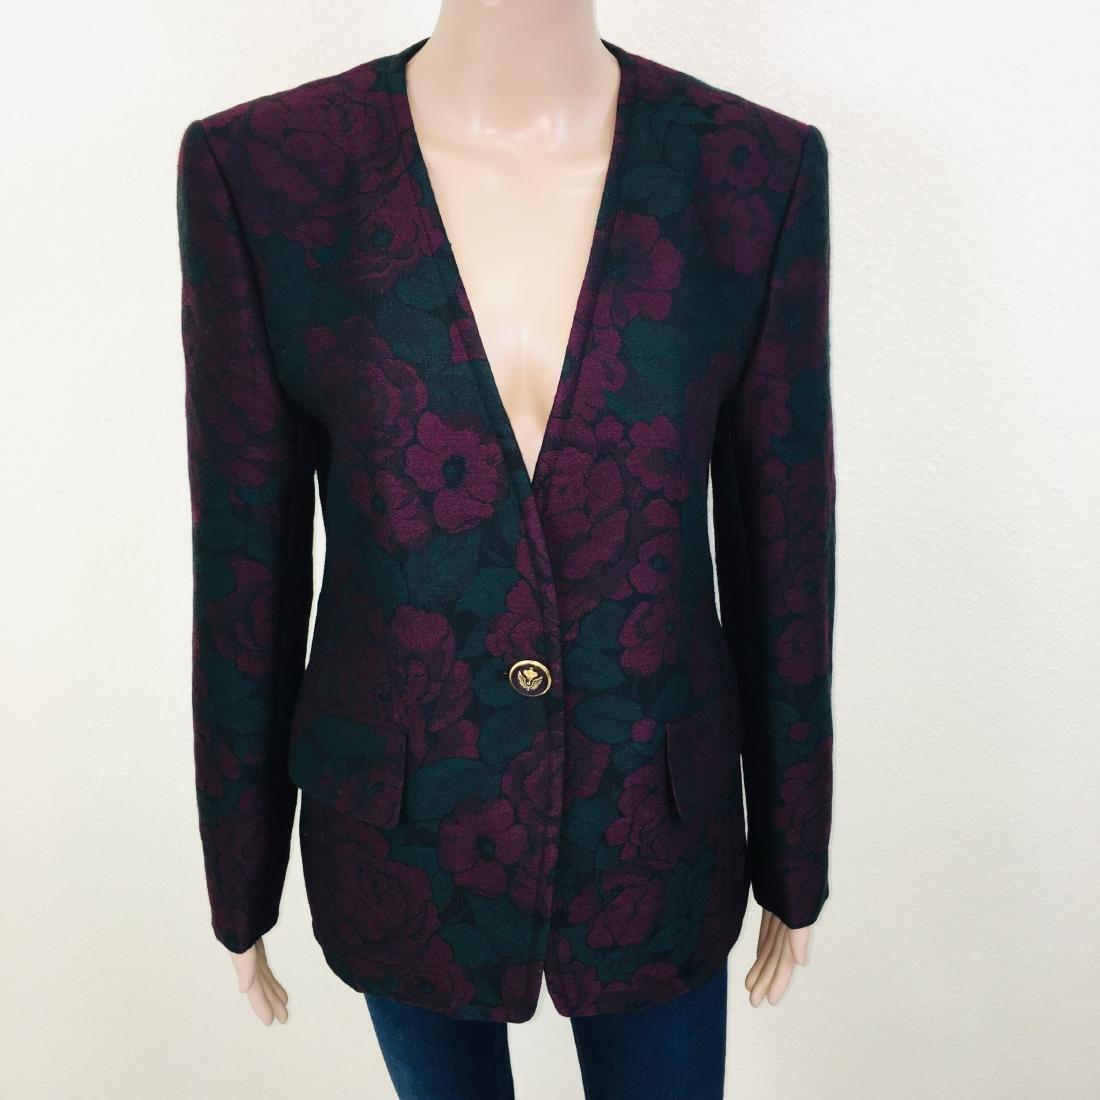 Vintage Women's Designer Blazer Jacket - 4